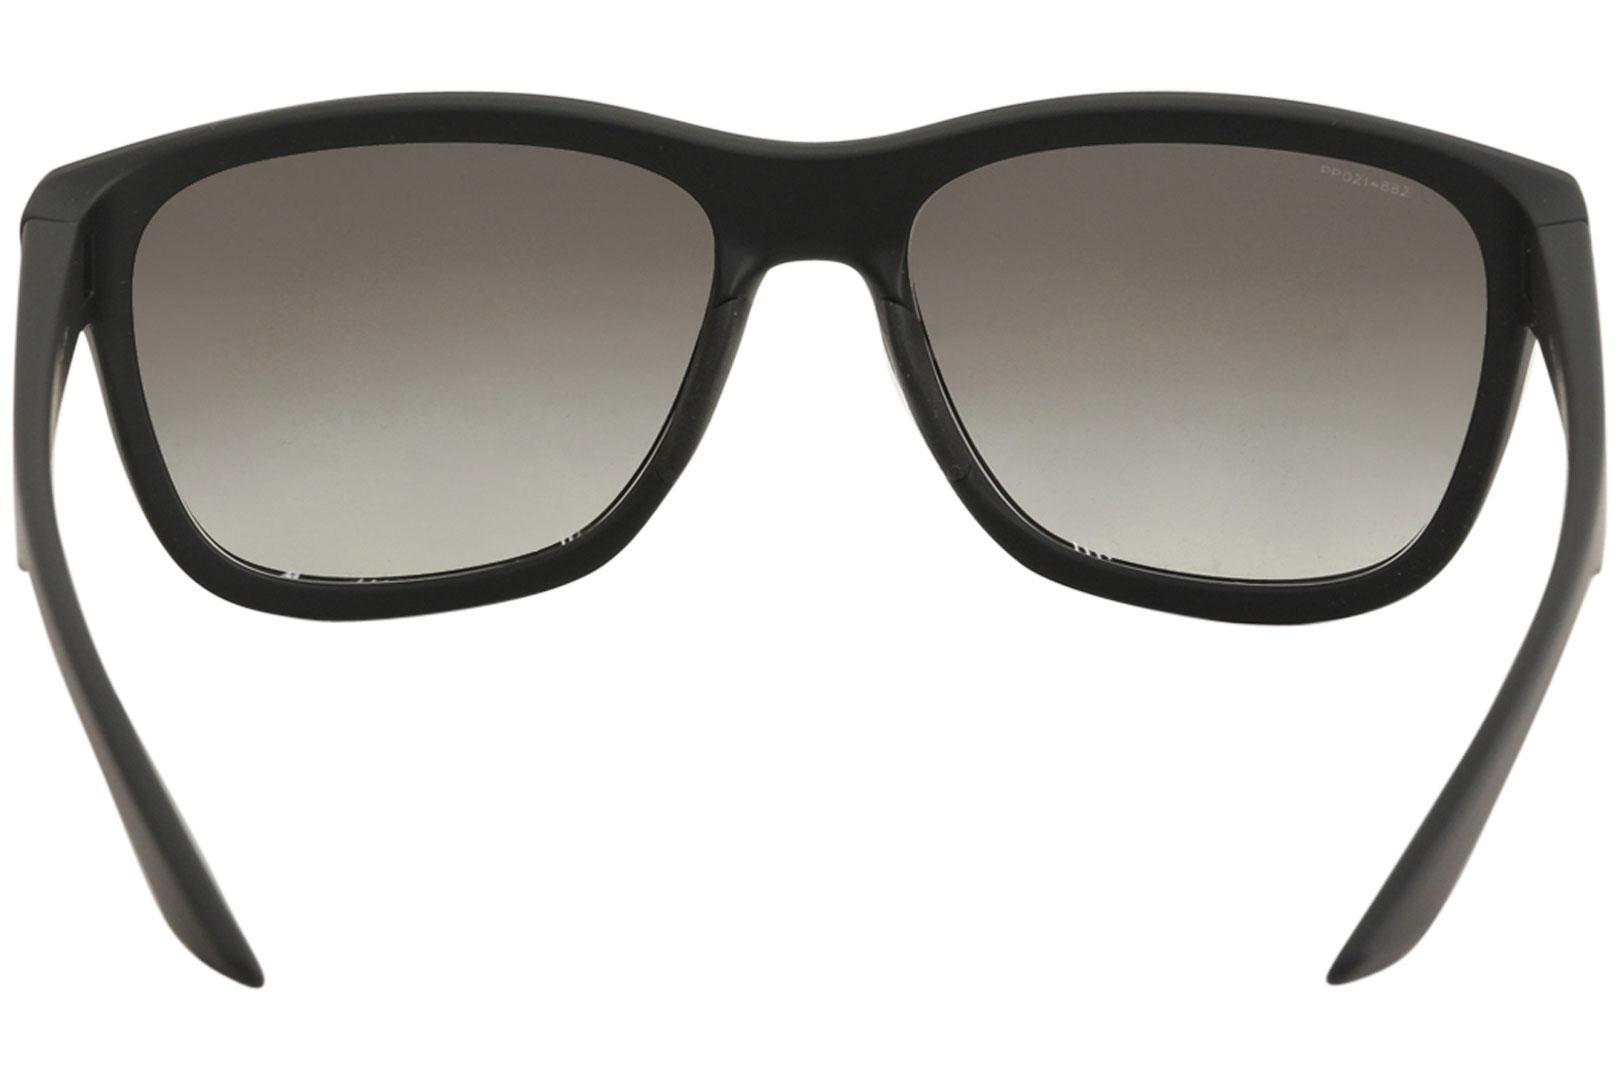 35dd13557e94 Prada Men s Linea Rossa SPS03Q SPS 03Q Fashion Square Sunglasses by Prada.  12345